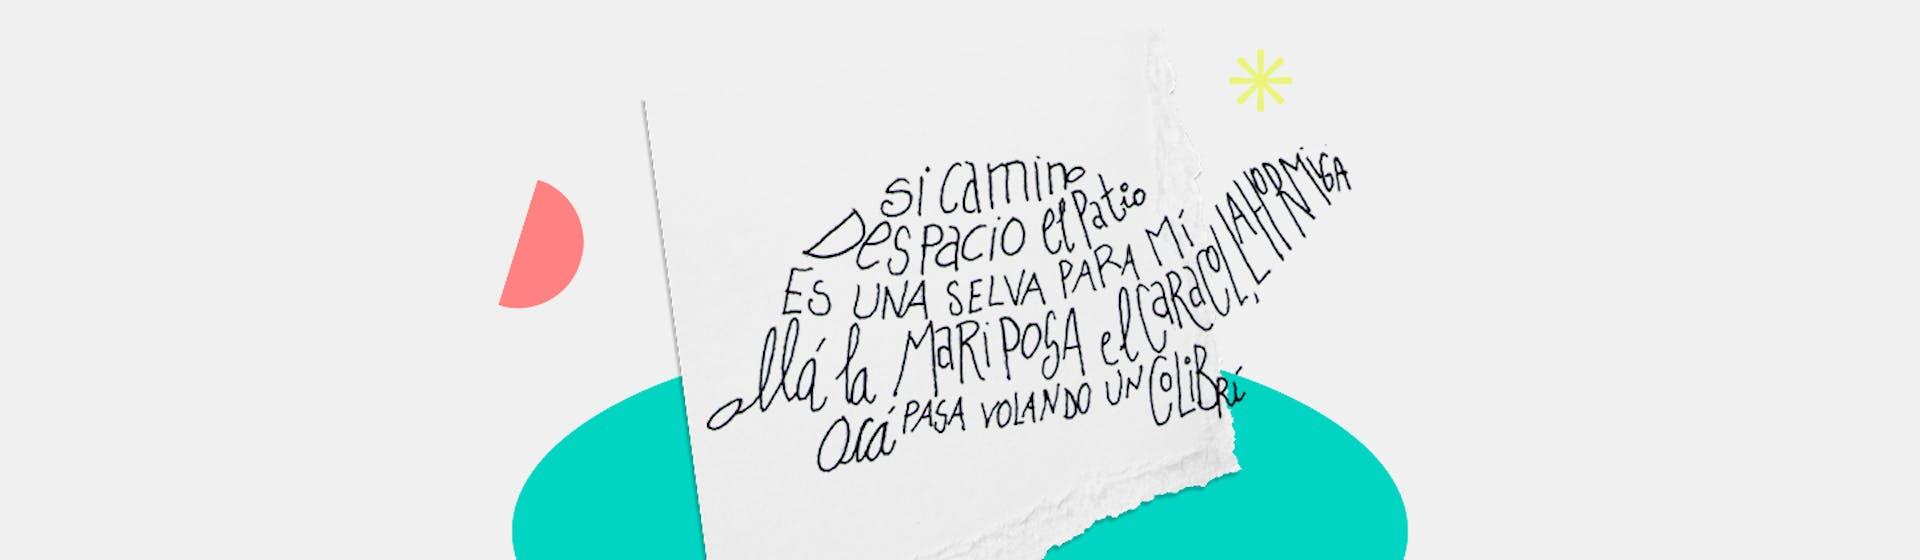 Conoce qué es un caligrama: la poesía vanguardista que cautivó al mundo